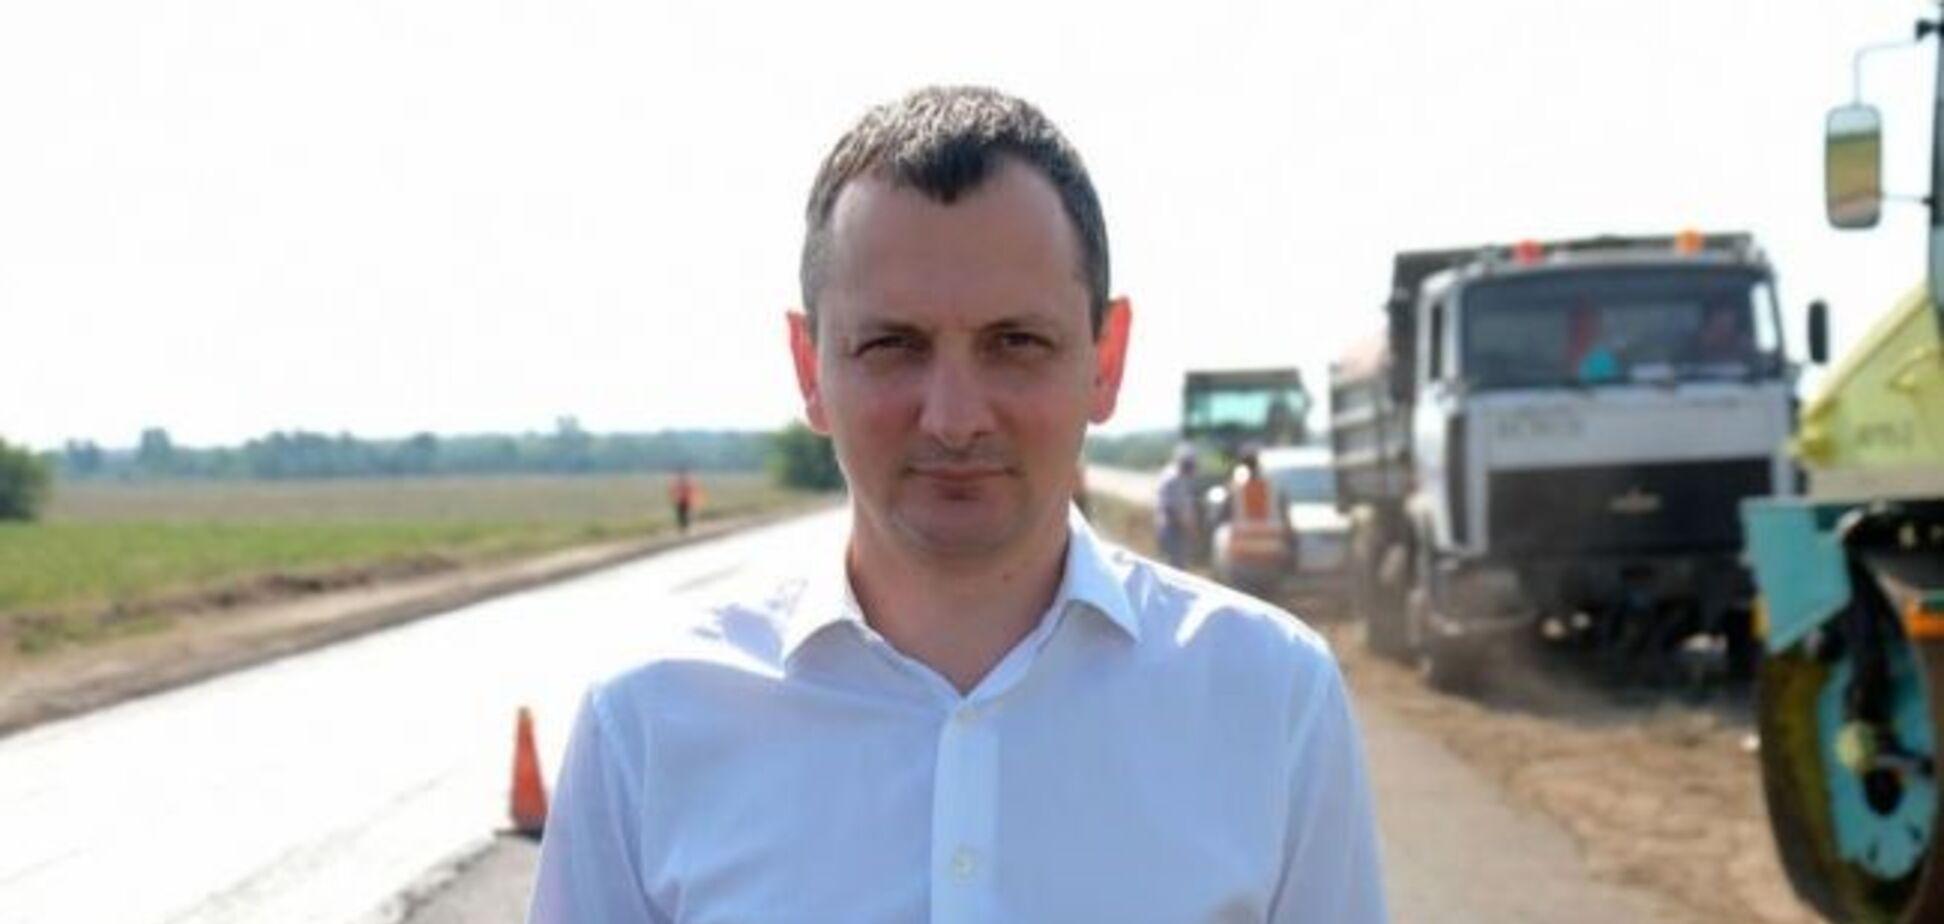 Голик: дорога Сєвєродонецьк - Станиця Луганська за дорученням президента буде закінчена в липні